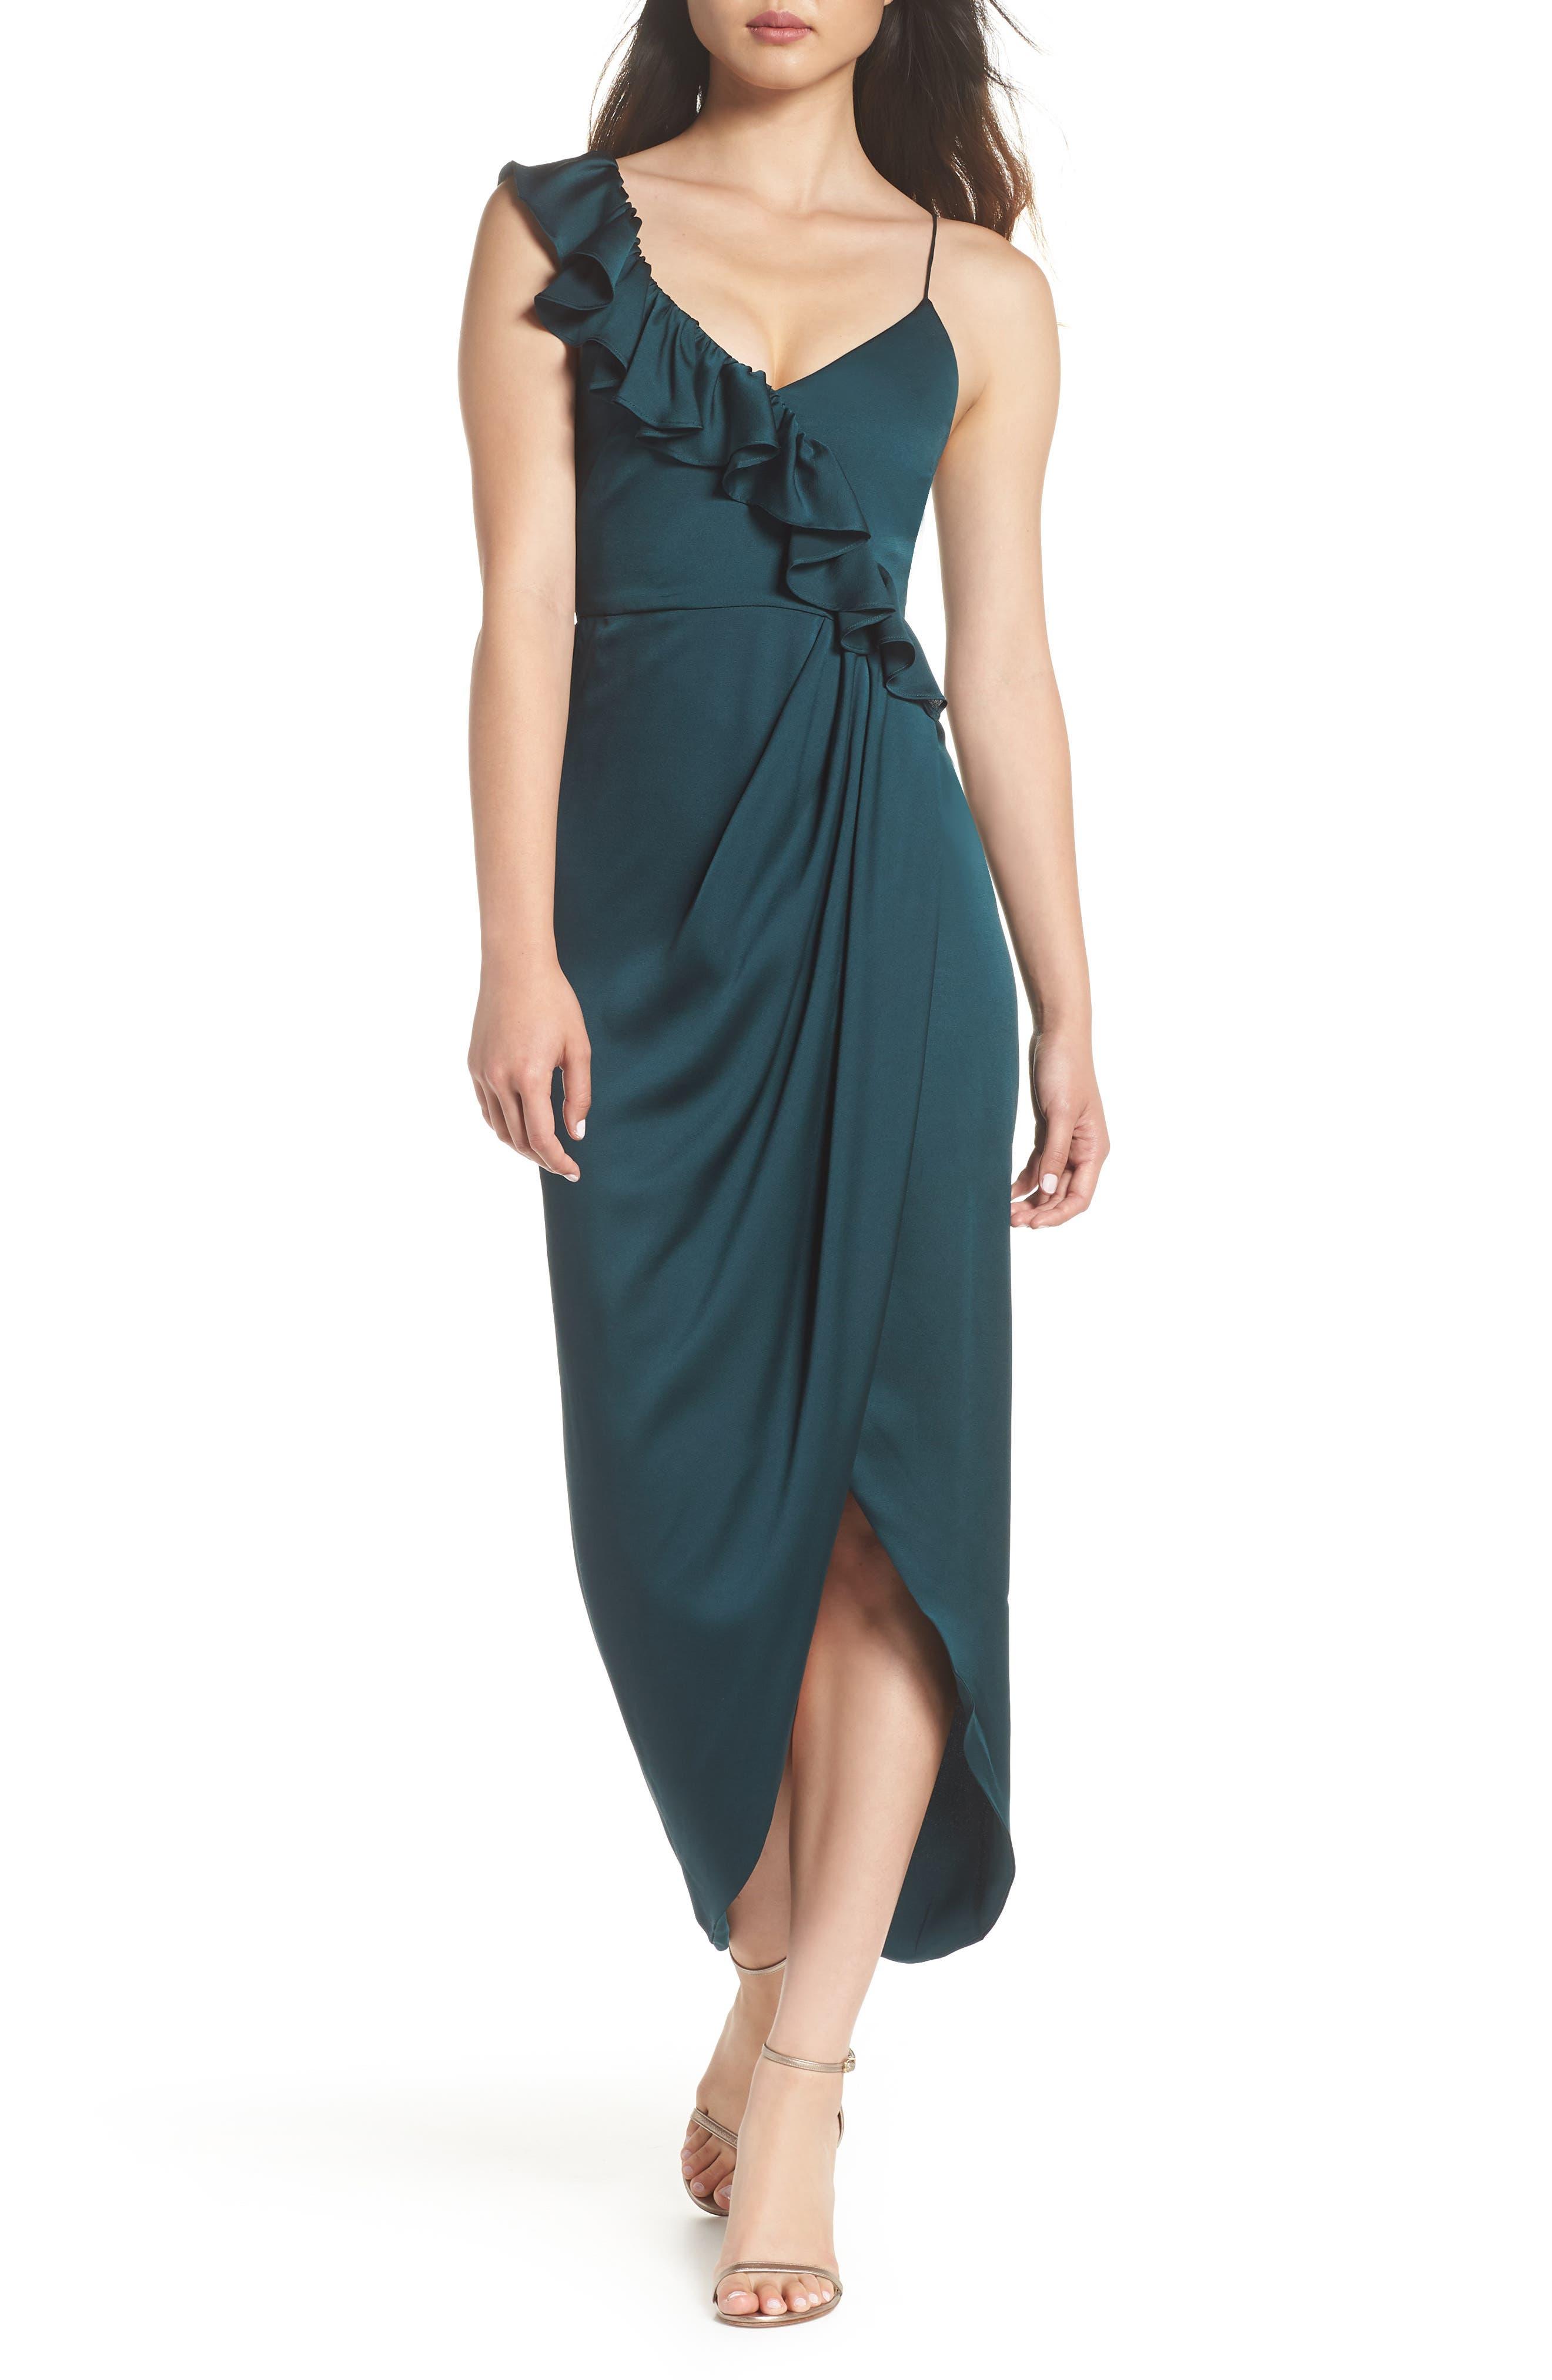 SHONA JOY Luxe Asymmetrical Frill Maxi Dress in Emerald